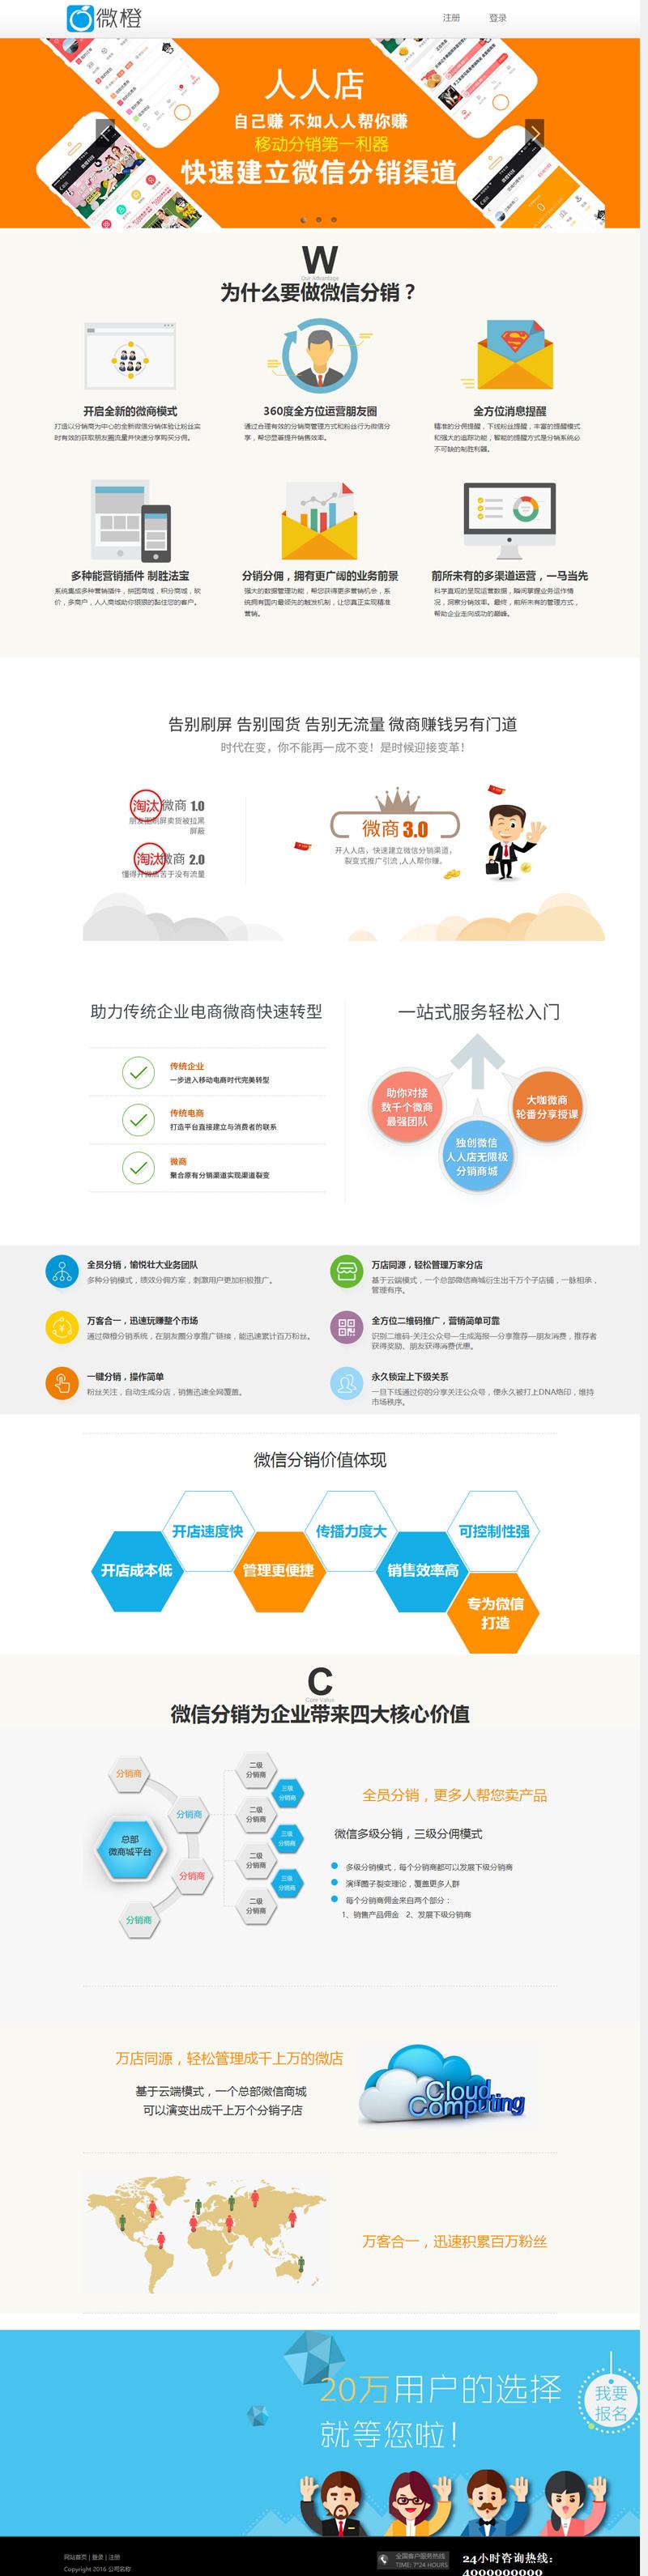 最新微橙人人店V3.3.6微信分销一键安装版|全解密开源版人人商城V2二次开发版-好源码